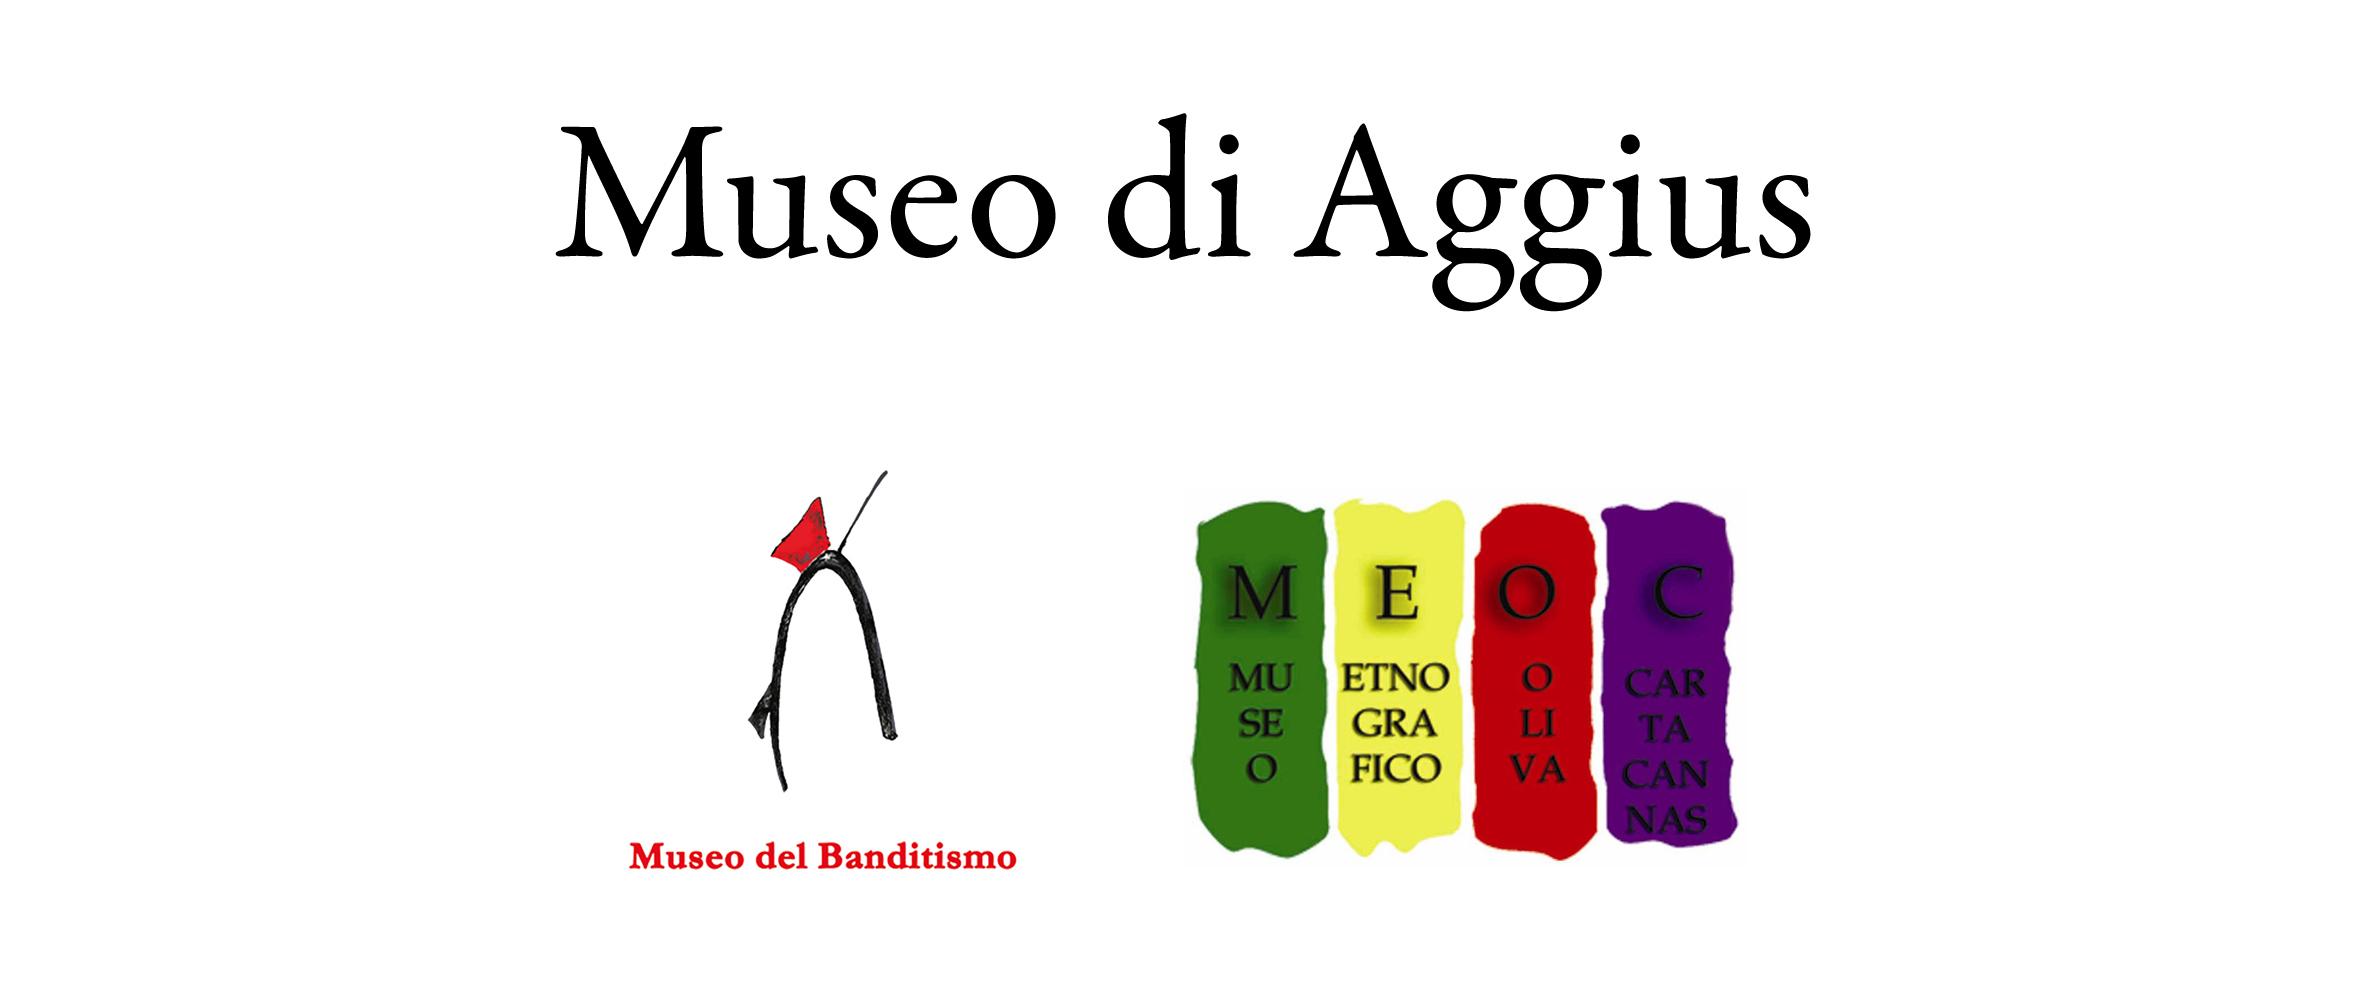 Allestimento Locali Museo di Aggius